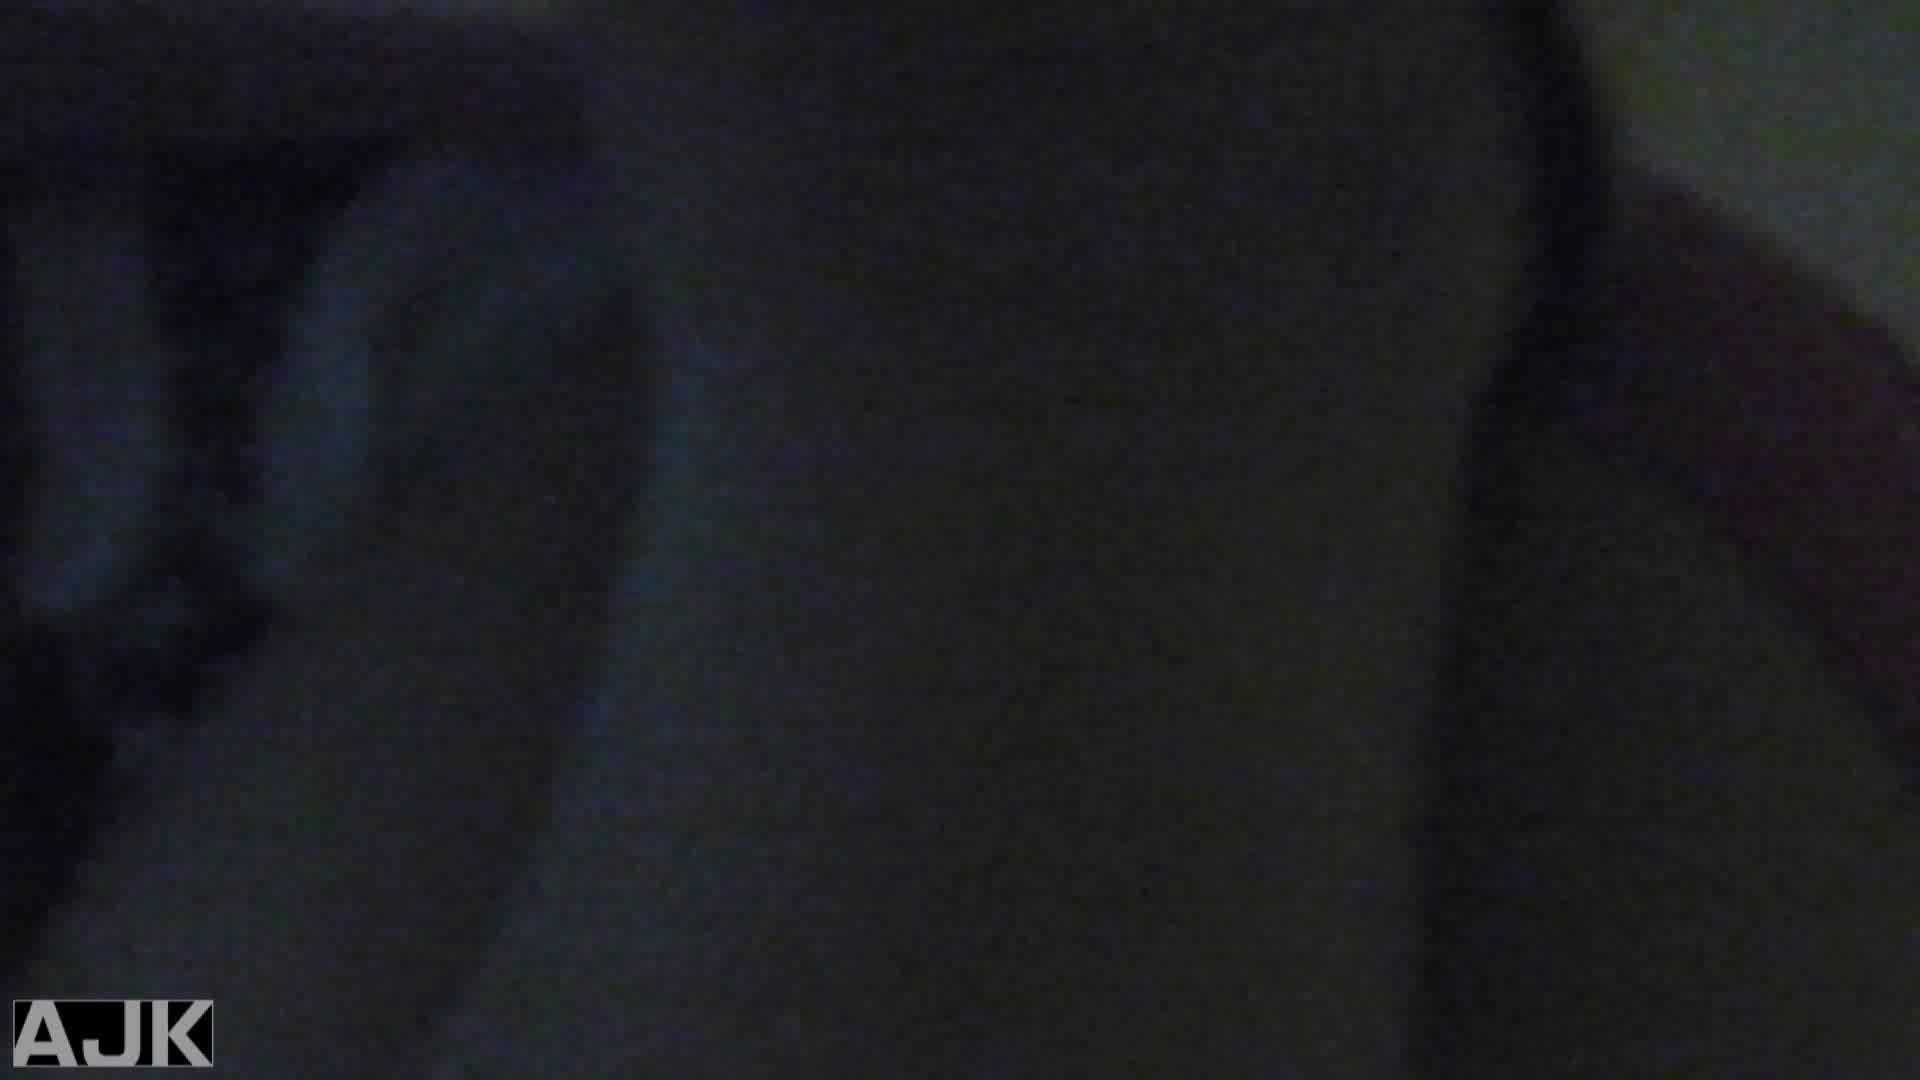 隣国上階級エリアの令嬢たちが集うデパートお手洗い Vol.24 マンコ おまんこ動画流出 82画像 37